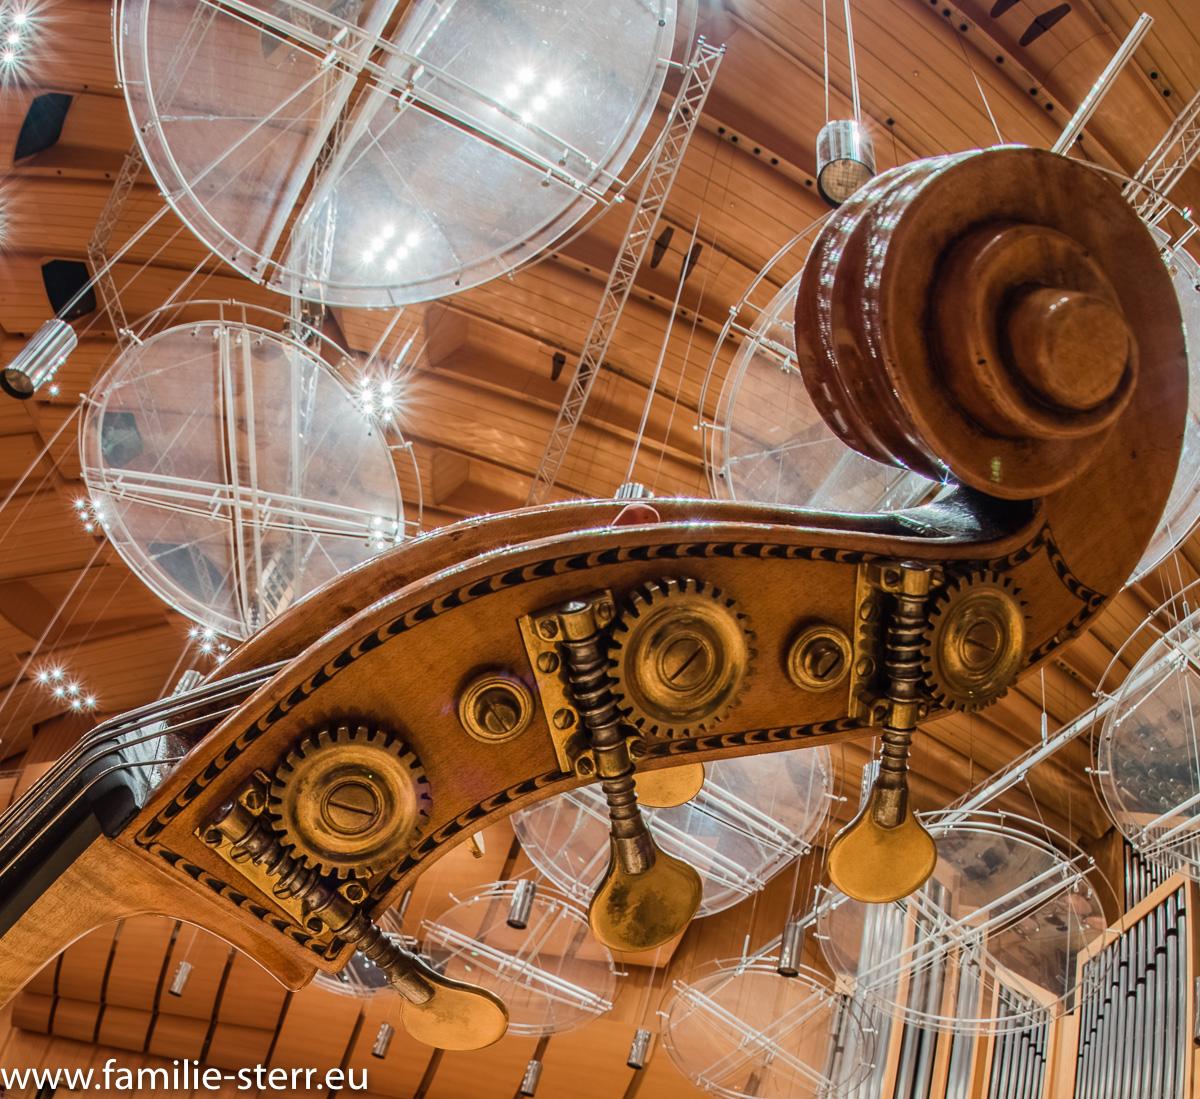 Kontrabass / Detailaufnahme in der Münchner Philharmonie